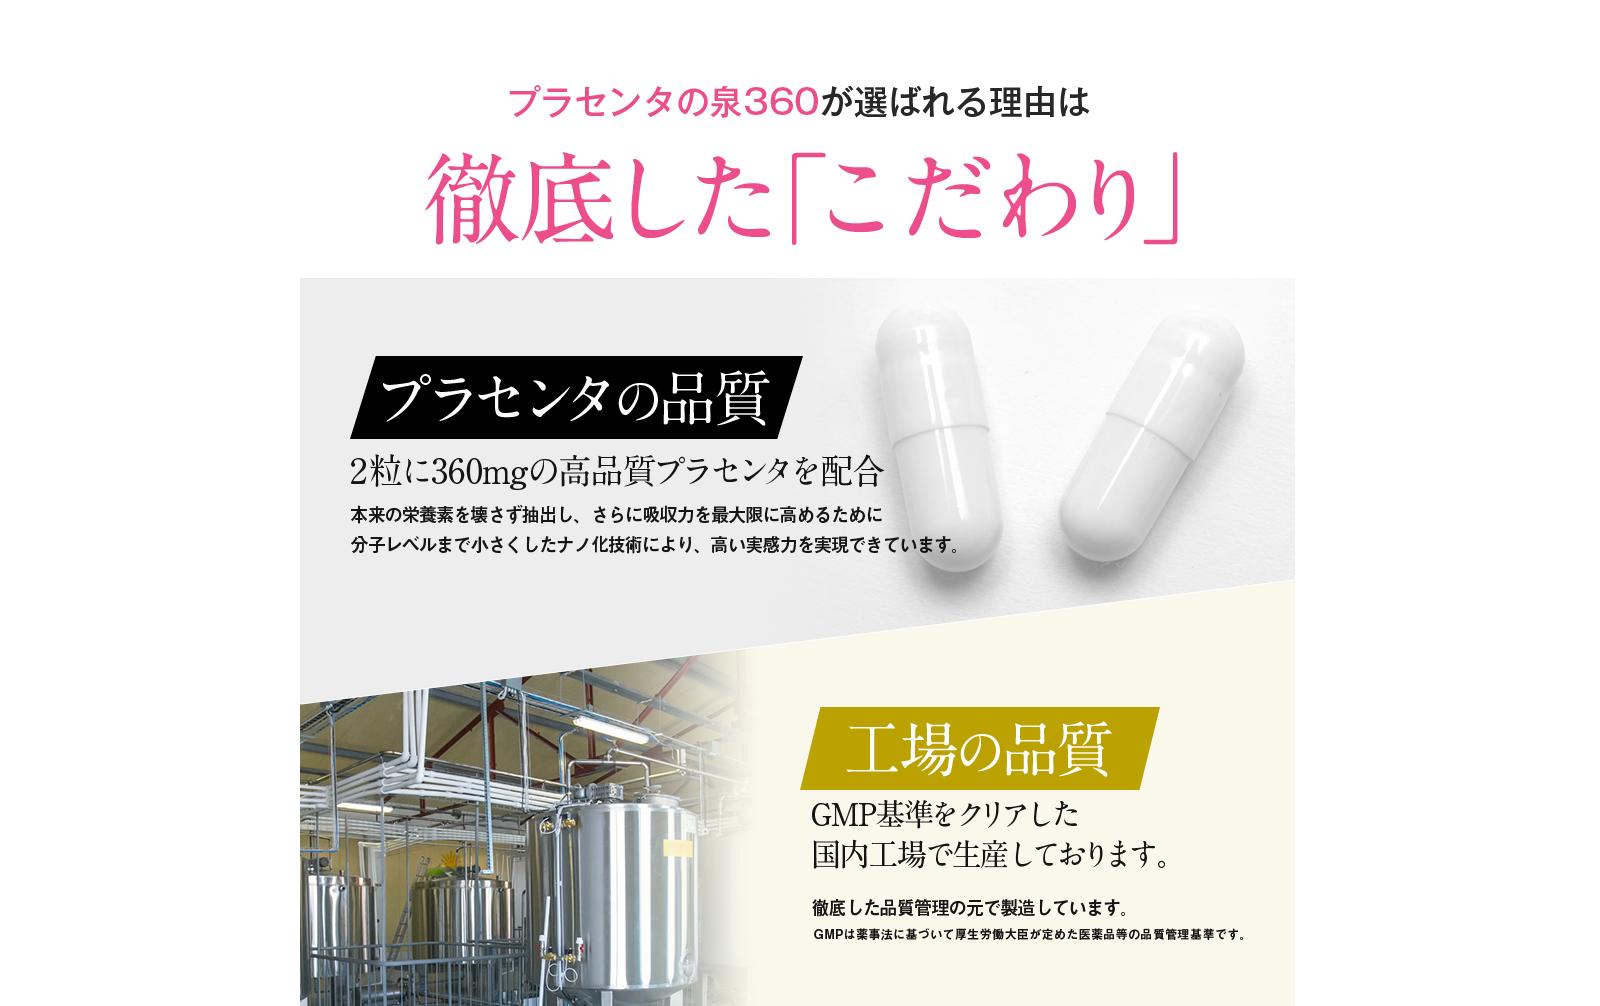 プラセンタサプリ販売用ランディングページ(LP)デザイン・制作事例29